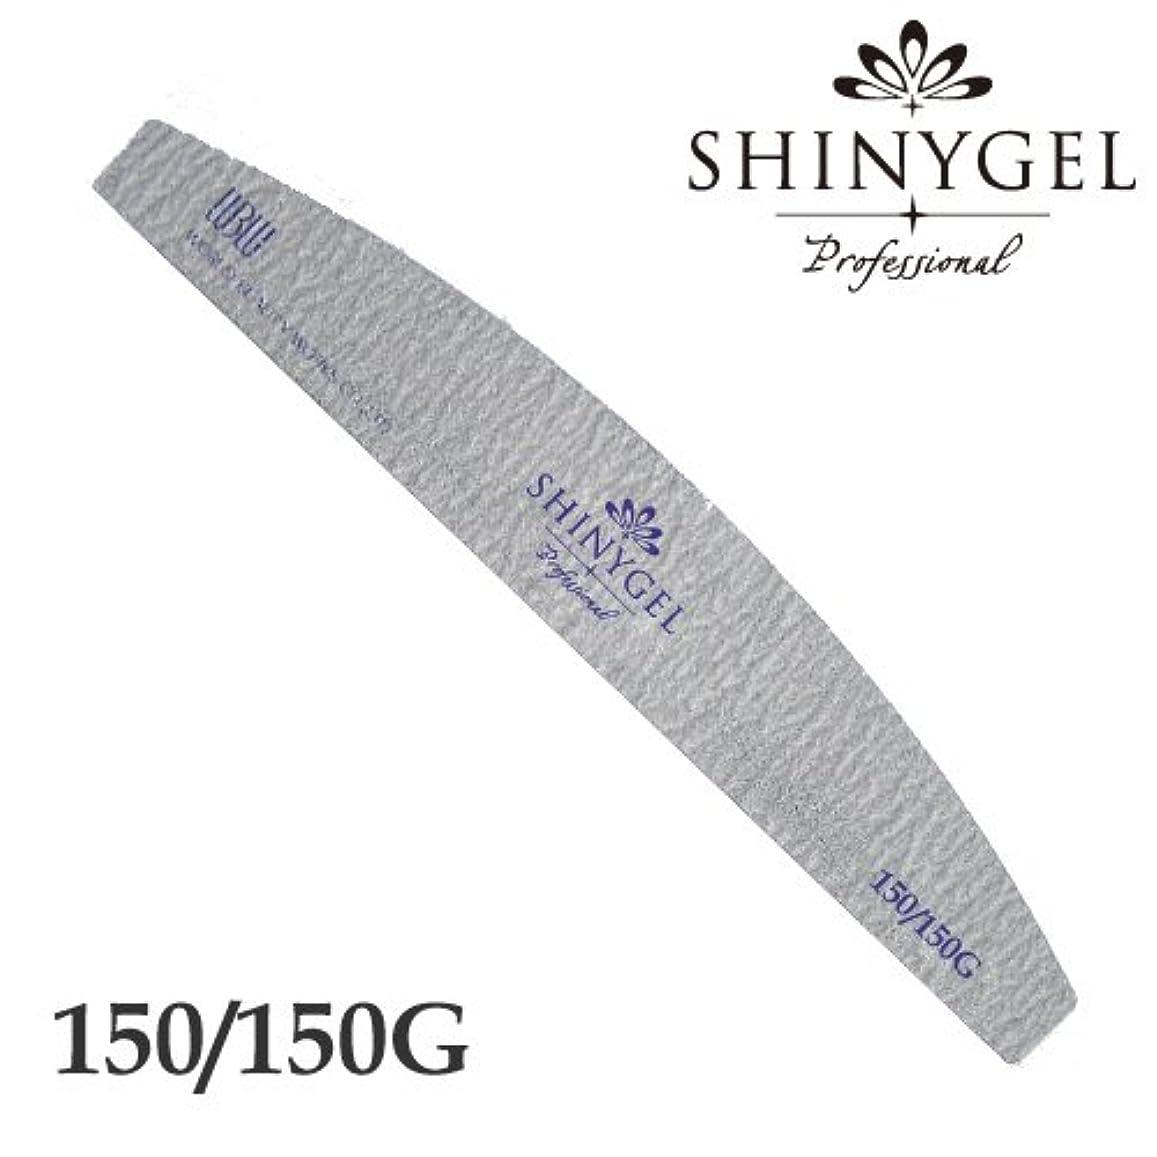 事務所葉巻カナダSHINYGEL Professional シャイニージェルプロフェッショナル ゼブラファイル ブラック(アーチ型) 150/150G ジェルネイル 爪やすり